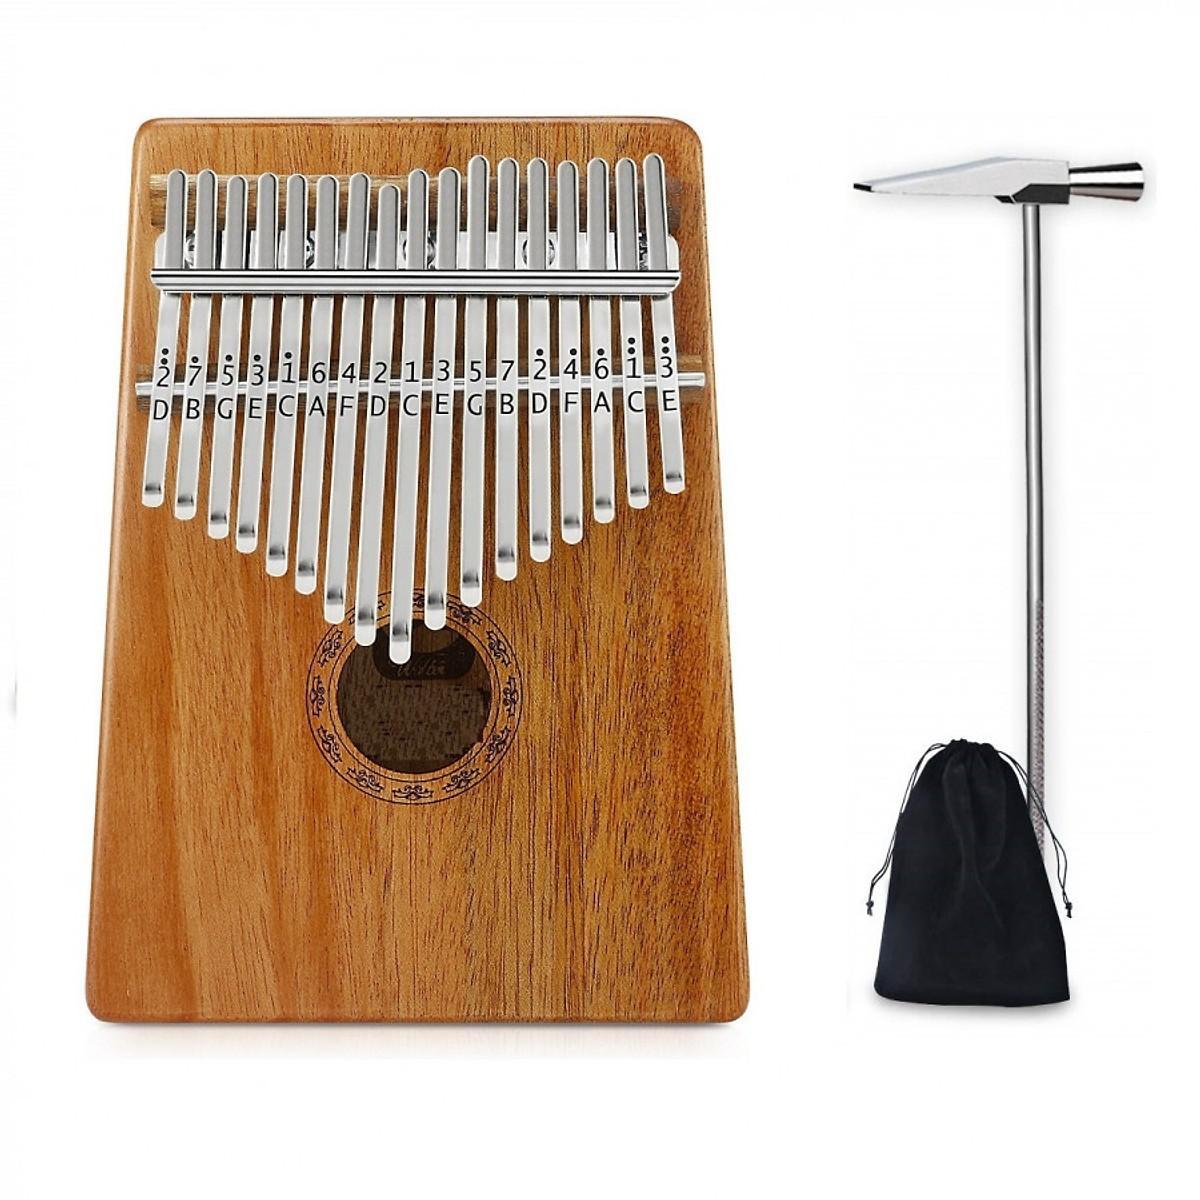 Đàn piano Kalimba bằng gỗ 17 phím sử dụng bằng ngón tay cái ,17 Phím Kalimba Châu Phi Chắc Chắn  Ngón Tay Cái Đàn Piano Ngón Tay Bộ Gõ Quà Tặng ,17 Phím Kalimba Châu Phi Chắc Chắn Gỗ Mahogany Ngón Tay Cái Đàn Piano Ngón Tay Bộ Gõ Quà Tặng